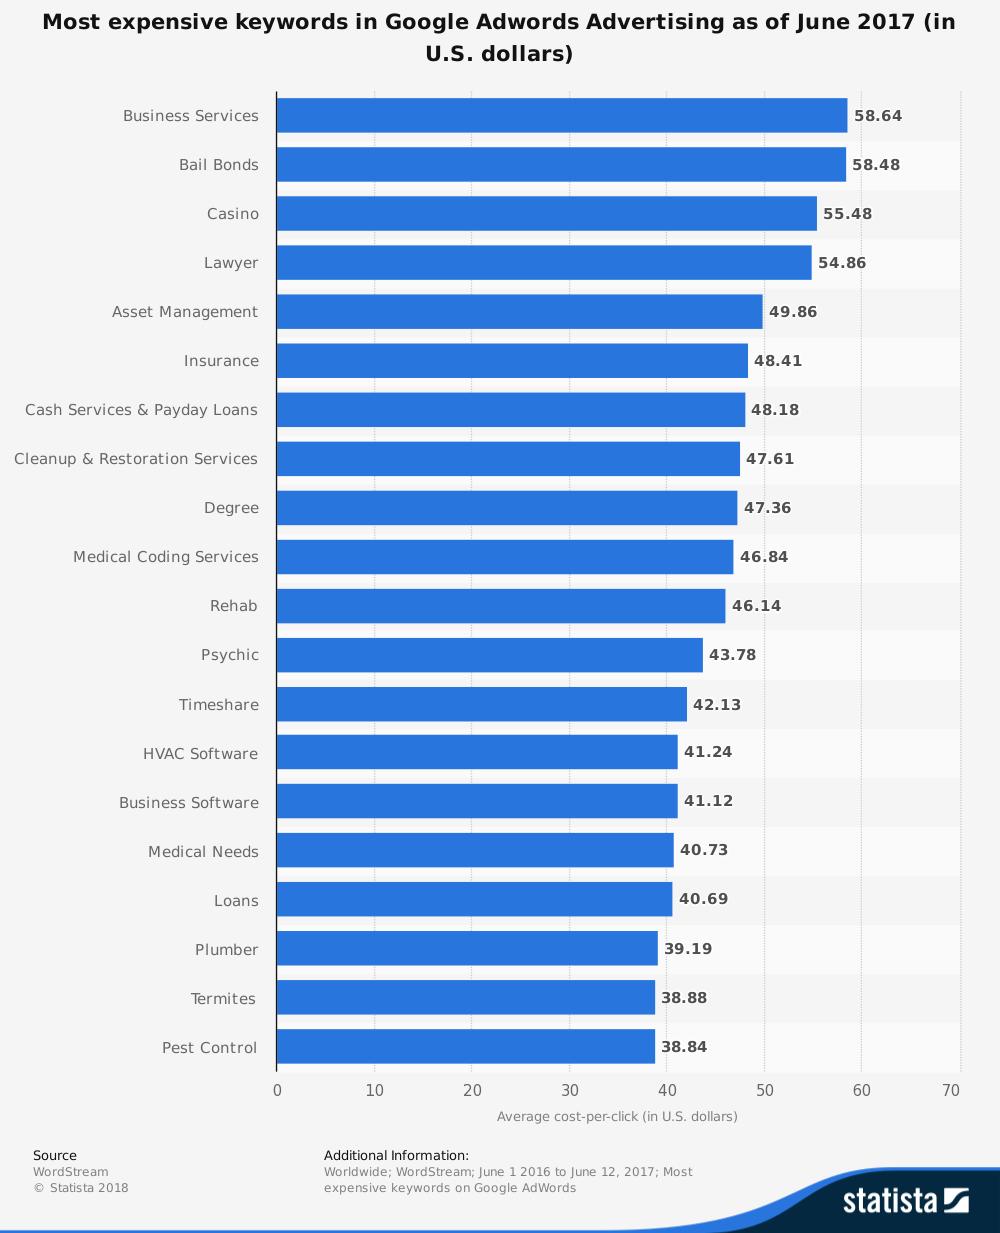 Most expensive keywords in Google Adwords Advertising as of June 2017 (in U.S. dollars)